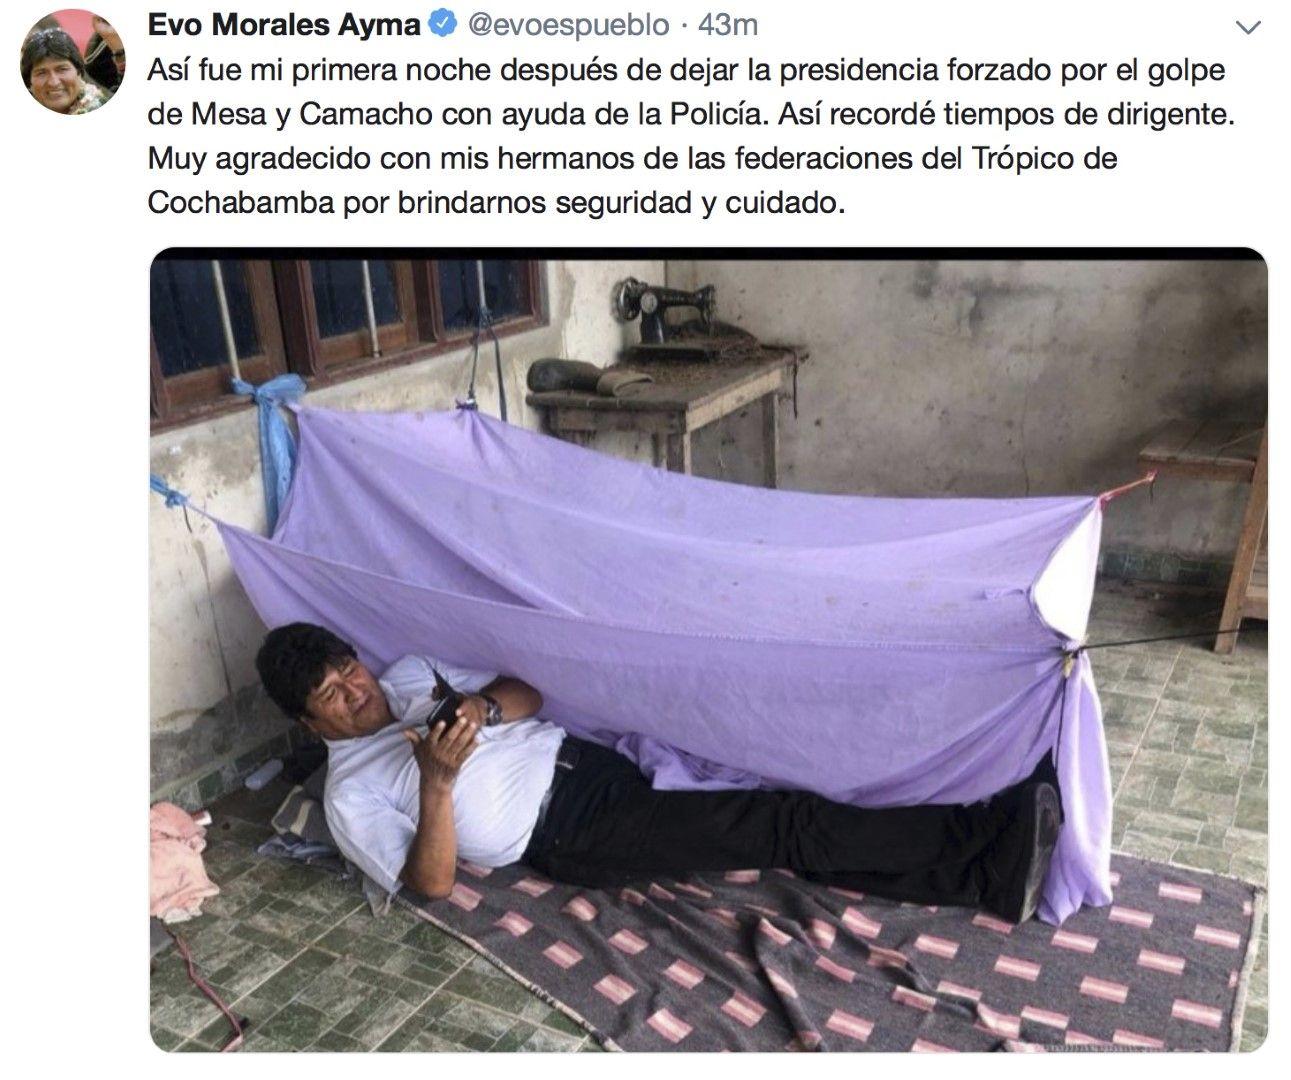 Така прекарах първата нощ, след като бях принуден да се откажа от президентския пост заради държавния преврат, написа в Туитър Ево Моралес